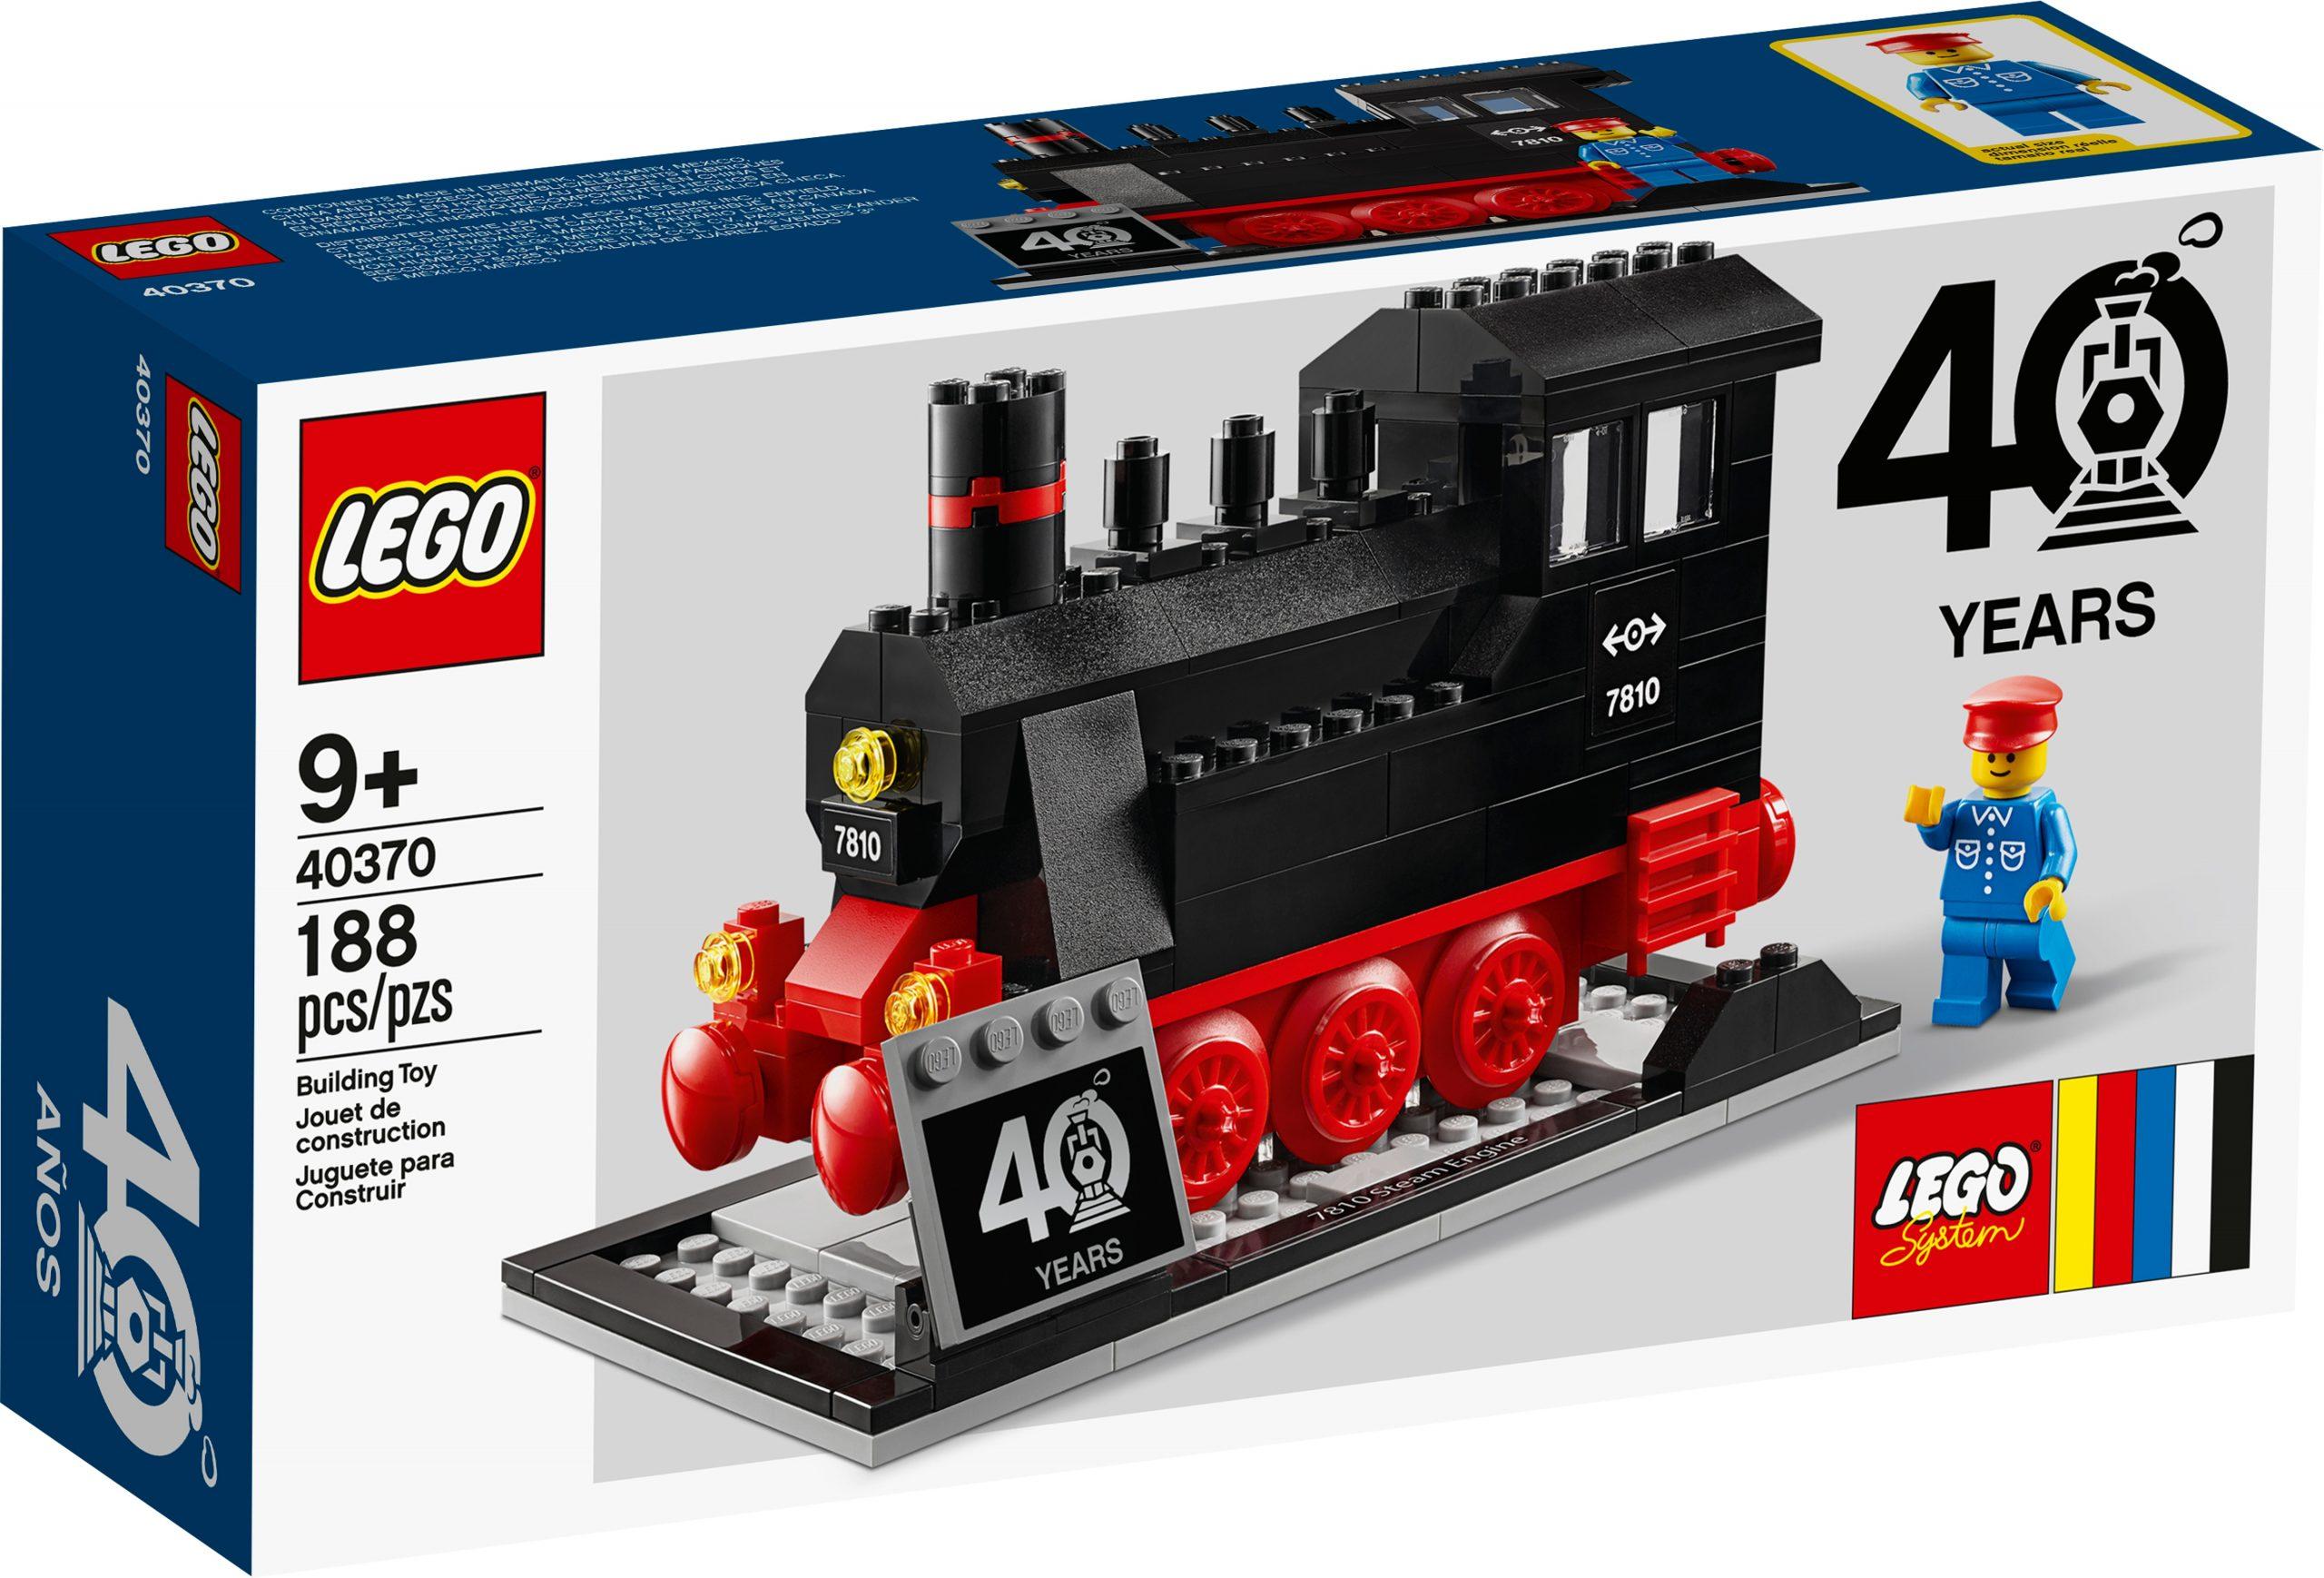 set zum 40 jubilaum von lego 40370 eisenbahn scaled